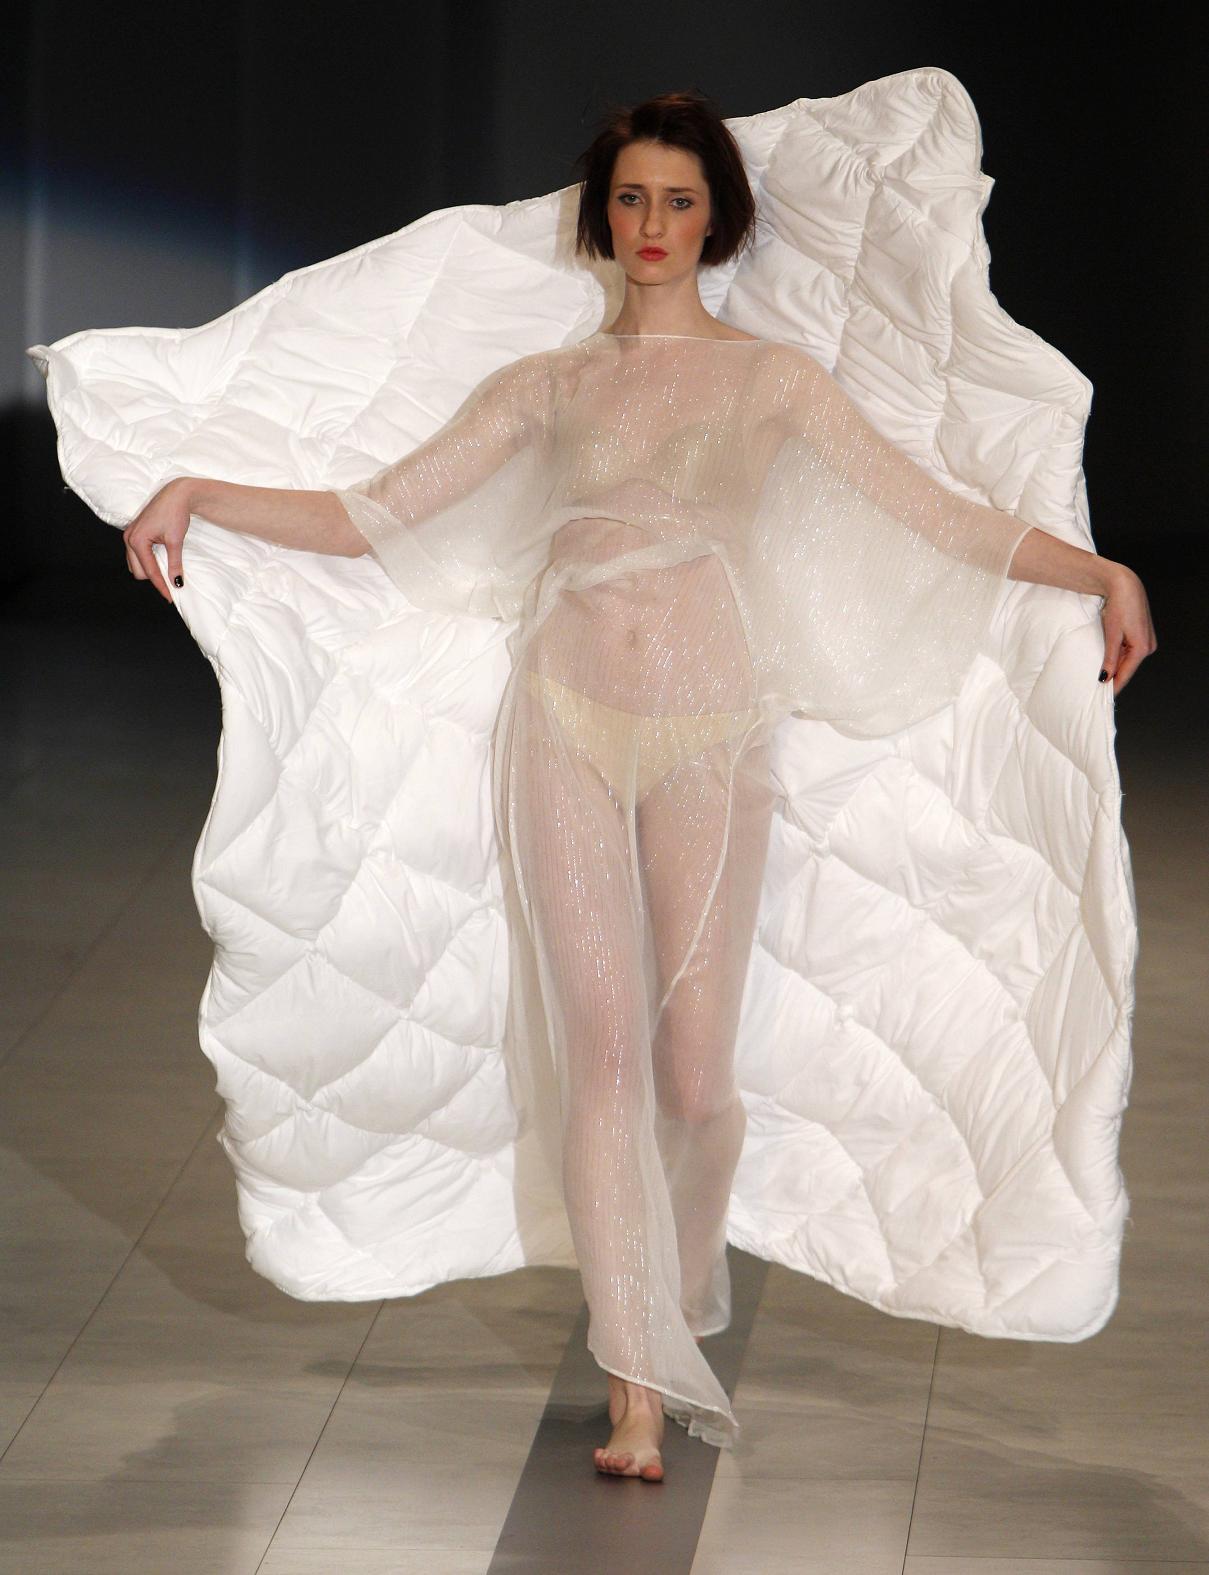 寝起き慌ててファッションショーに来たら布団がついてた」みたい